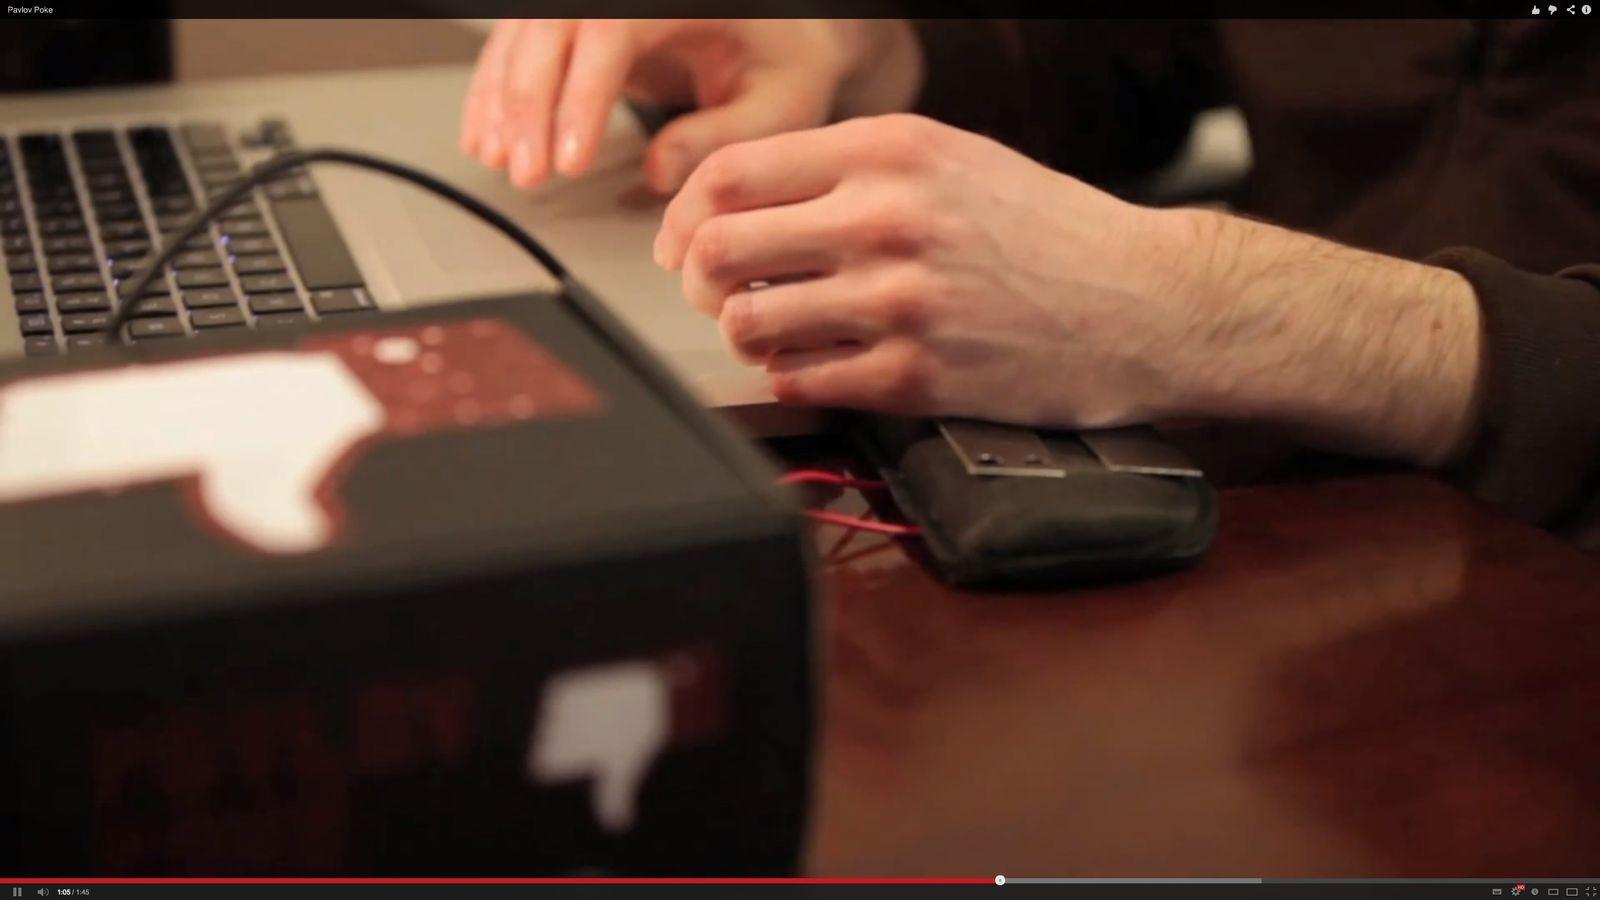 NUR ALS ZITAT Screenshot Pavlov Poke: facebook Elektroschocker gegen Sucht